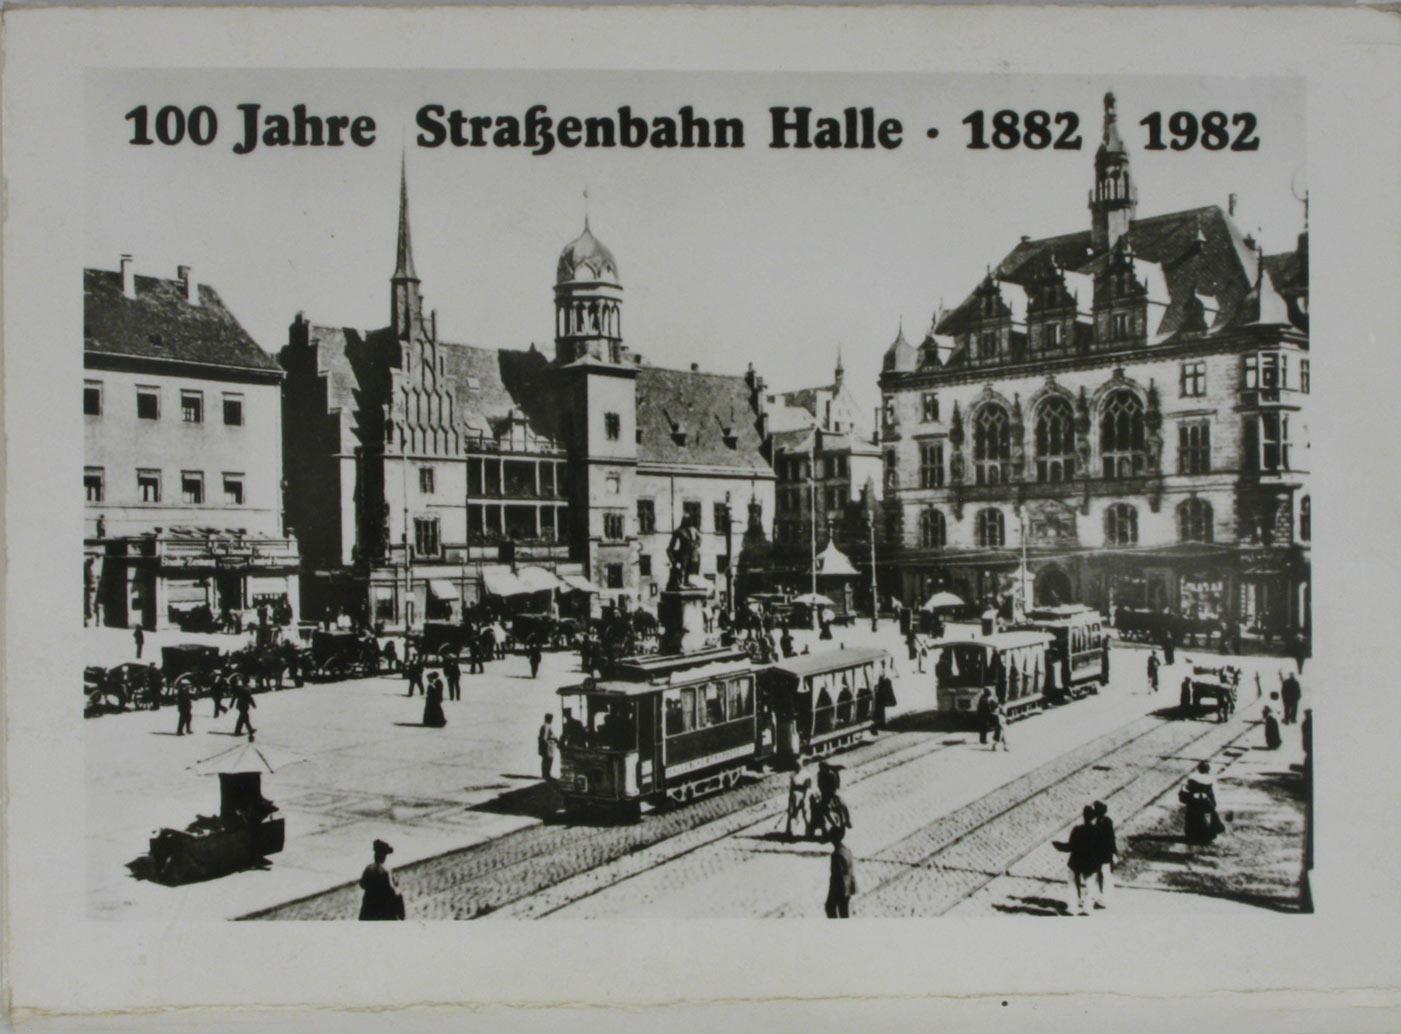 100 Jahre Straßenbahn Halle 1882-1982,